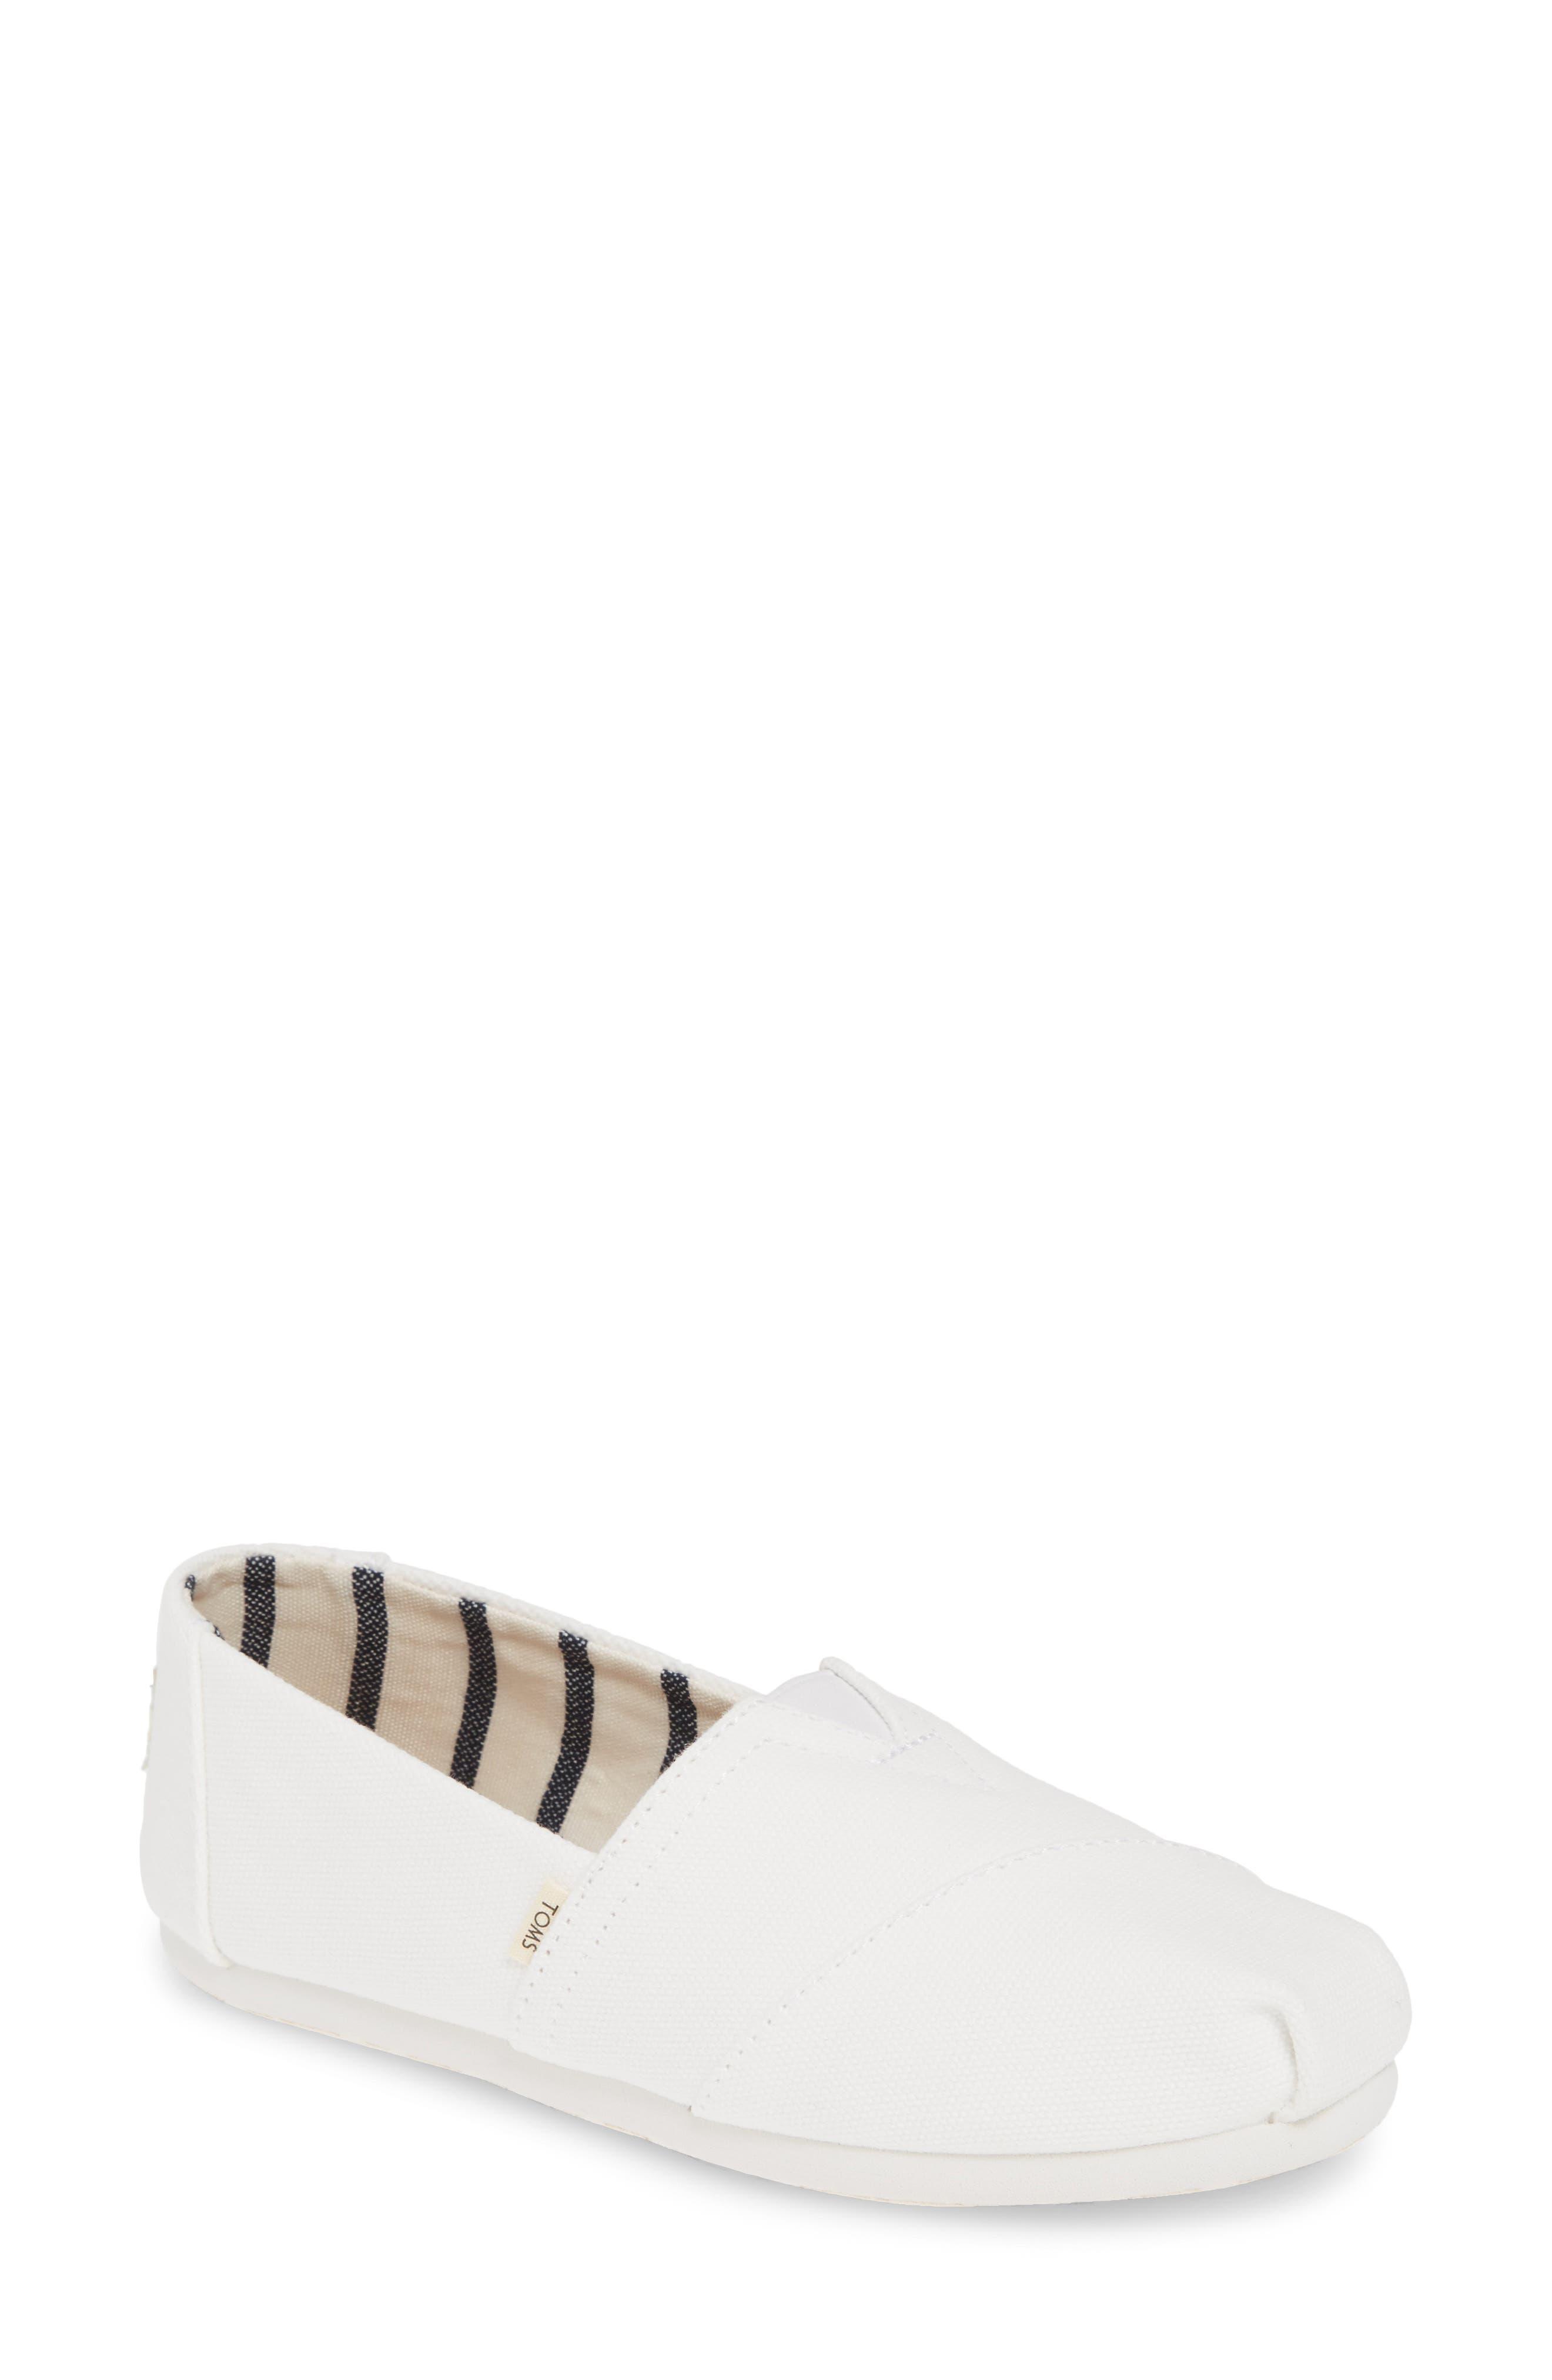 Toms Alpargata Slip-On, White